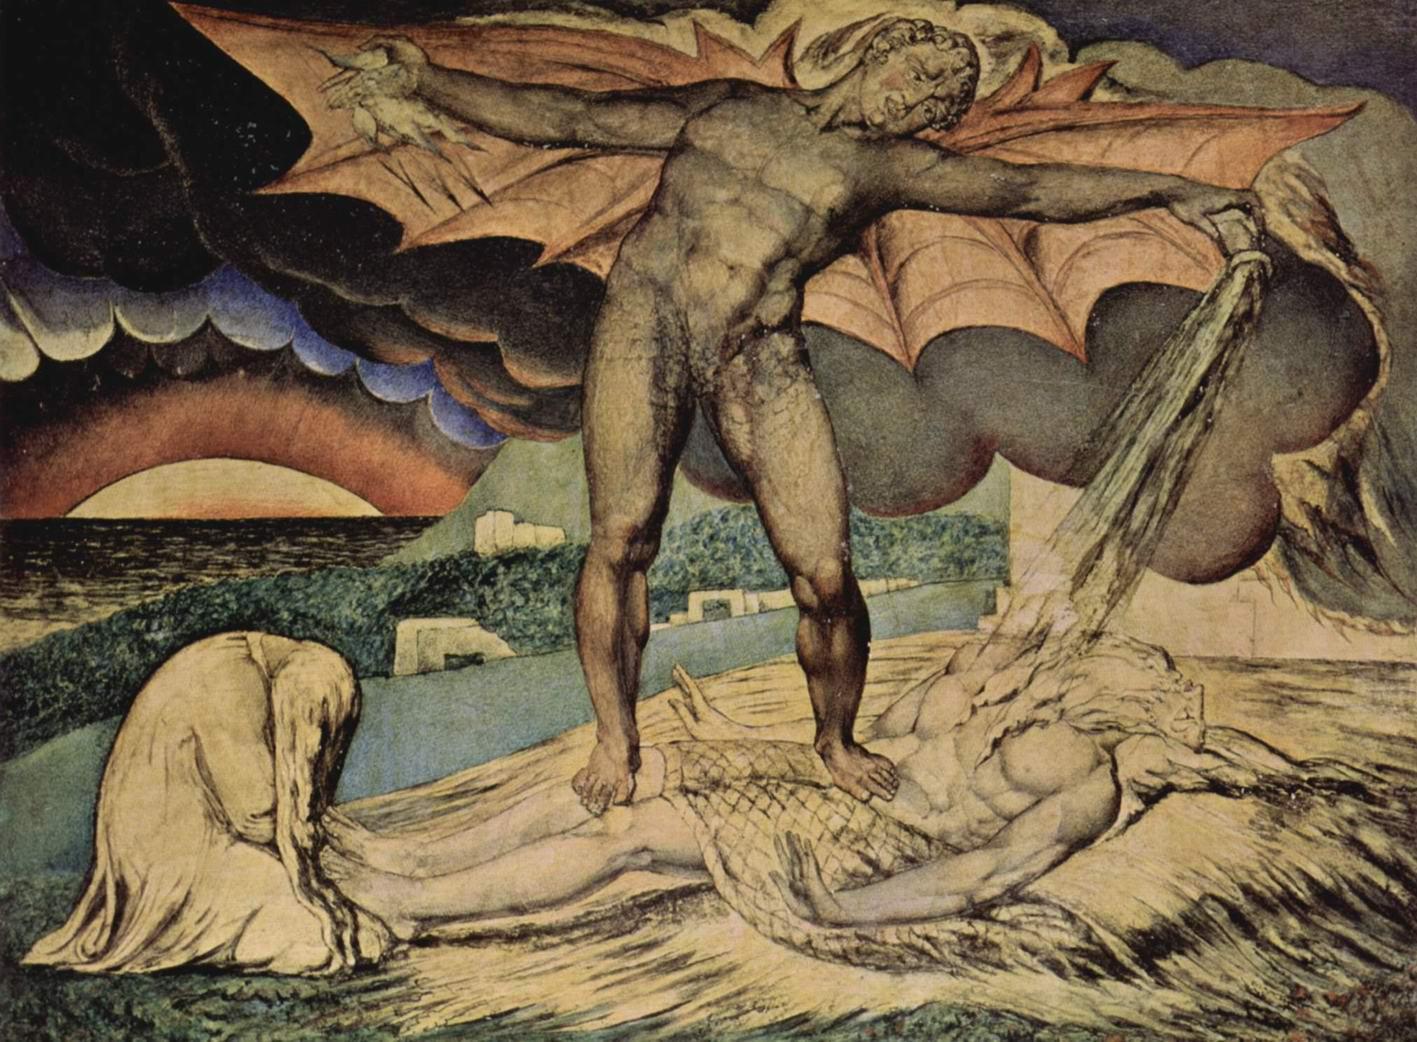 Сатана рассыпает беды над Иовом, Уильям Блейк